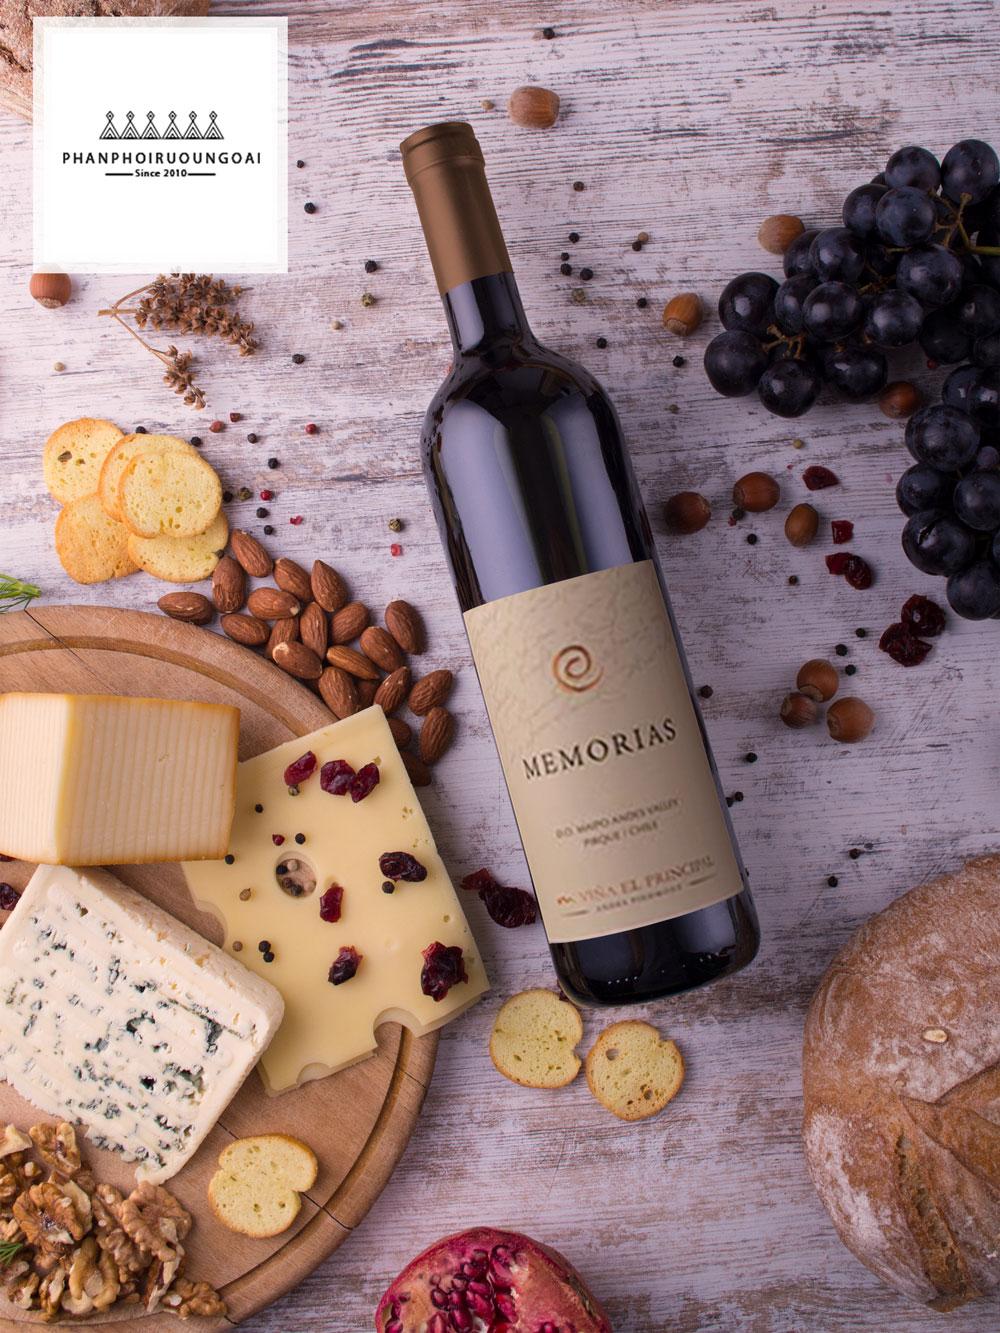 Rượu Vang Memorias rượu vang nổi tiếng của Chile